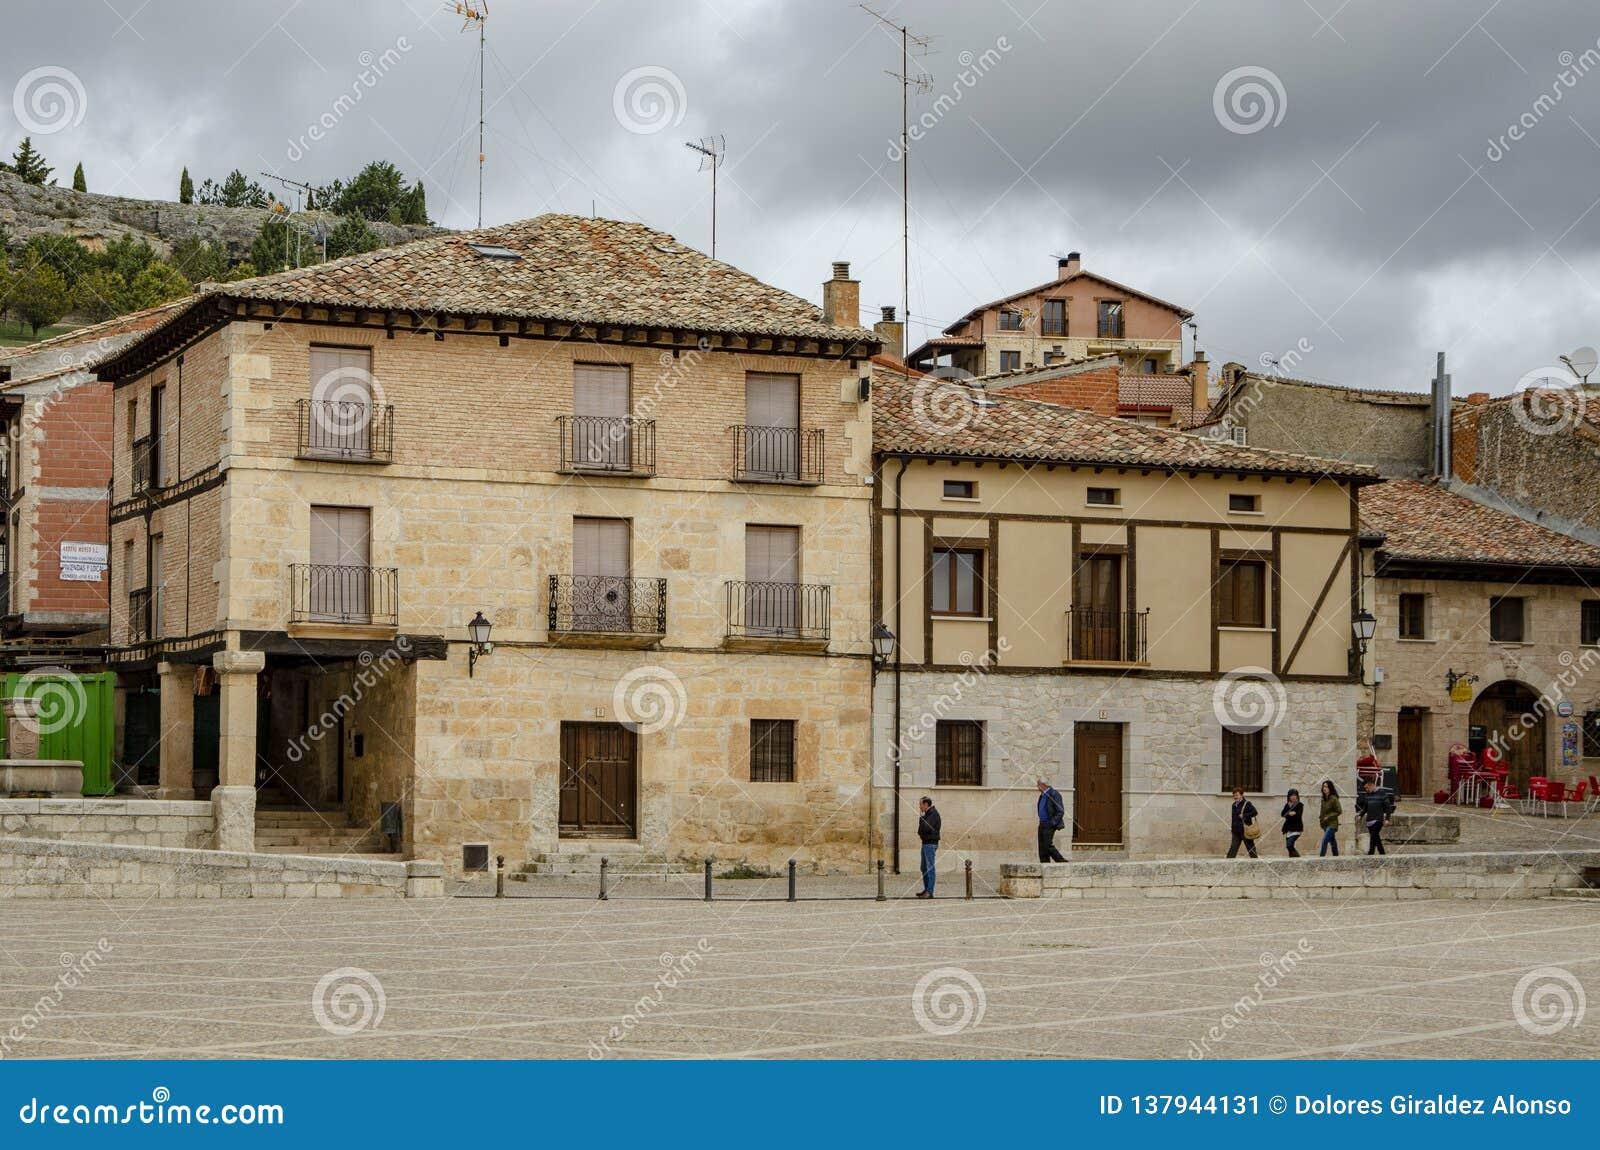 Τετράγωνο Penaranda de Duero στην επαρχία του Burgos, Ισπανία